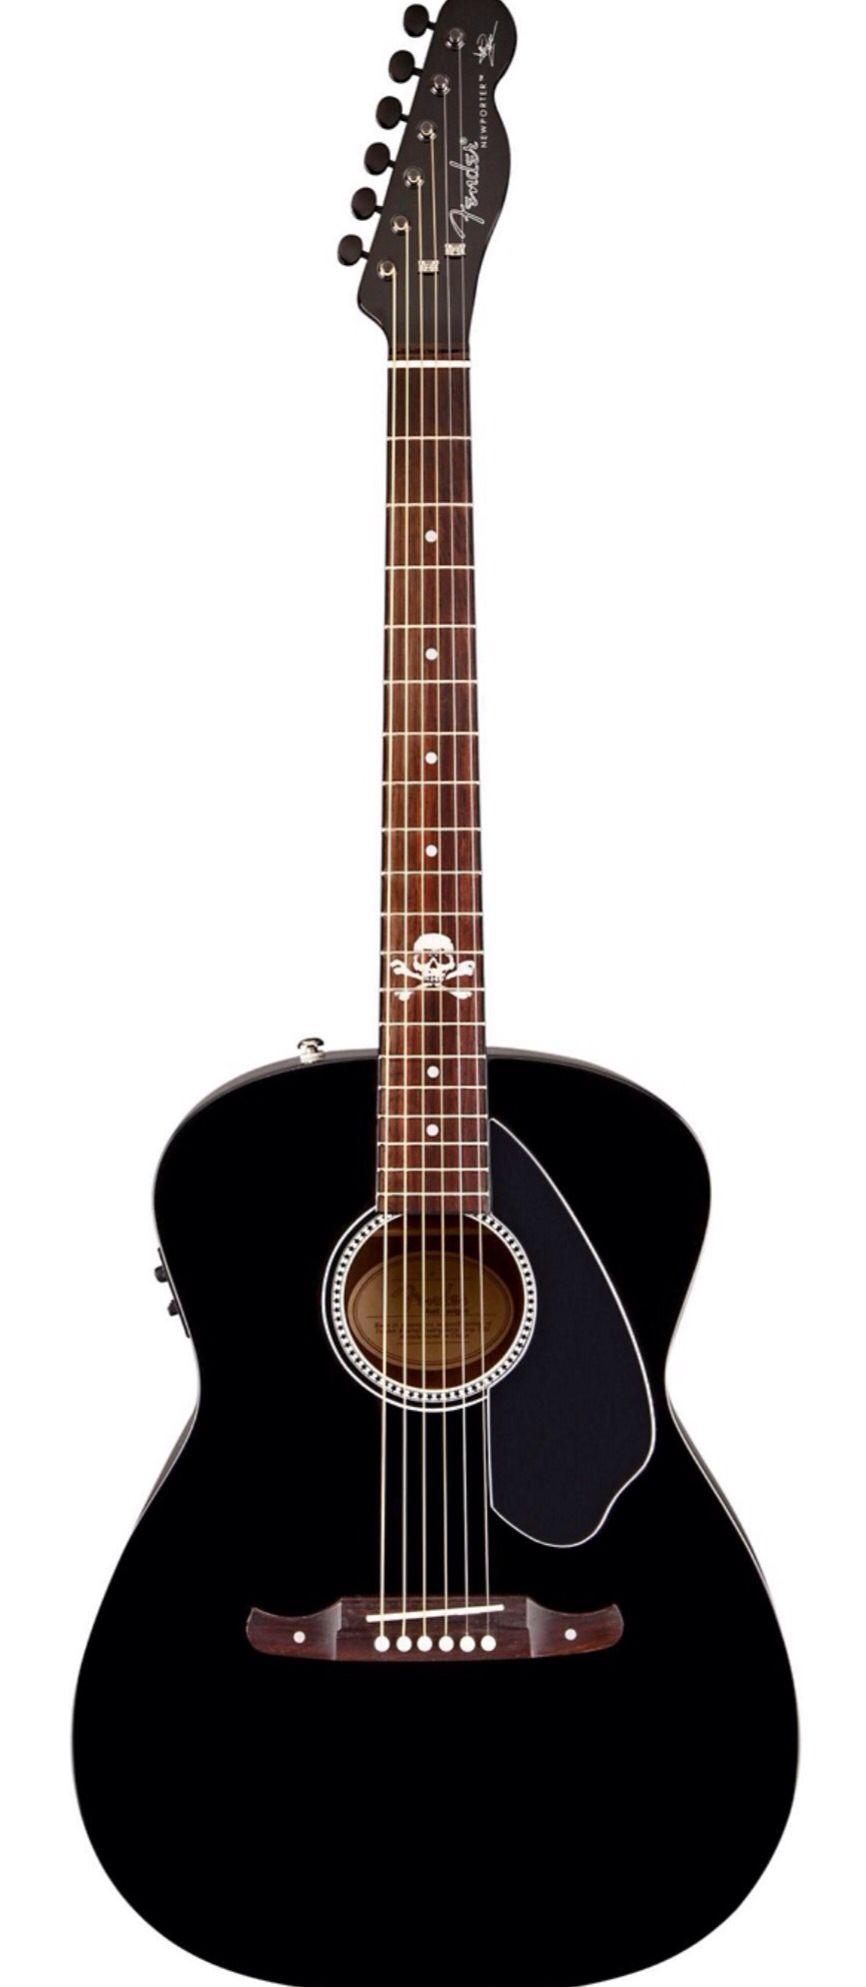 Fender Avril Lavigne Newporter Acoustic Electric Guitar Black Musician S Friend Acoustic Guitar Fender Acoustic Guitar Best Acoustic Guitar